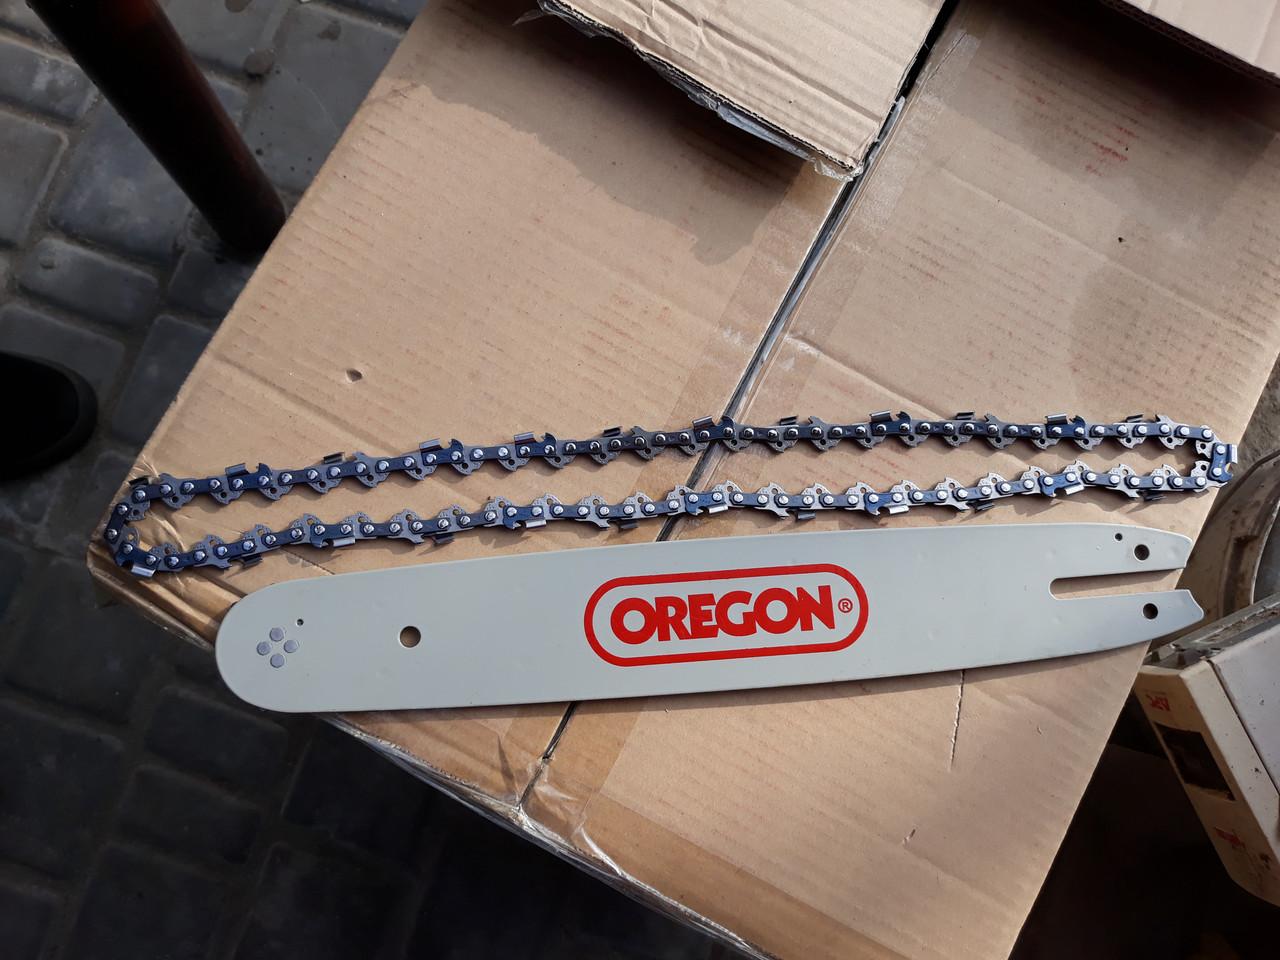 Бензопила орегон (oregon): цена, отзывы, заточка цепи, станок, технические характеристики